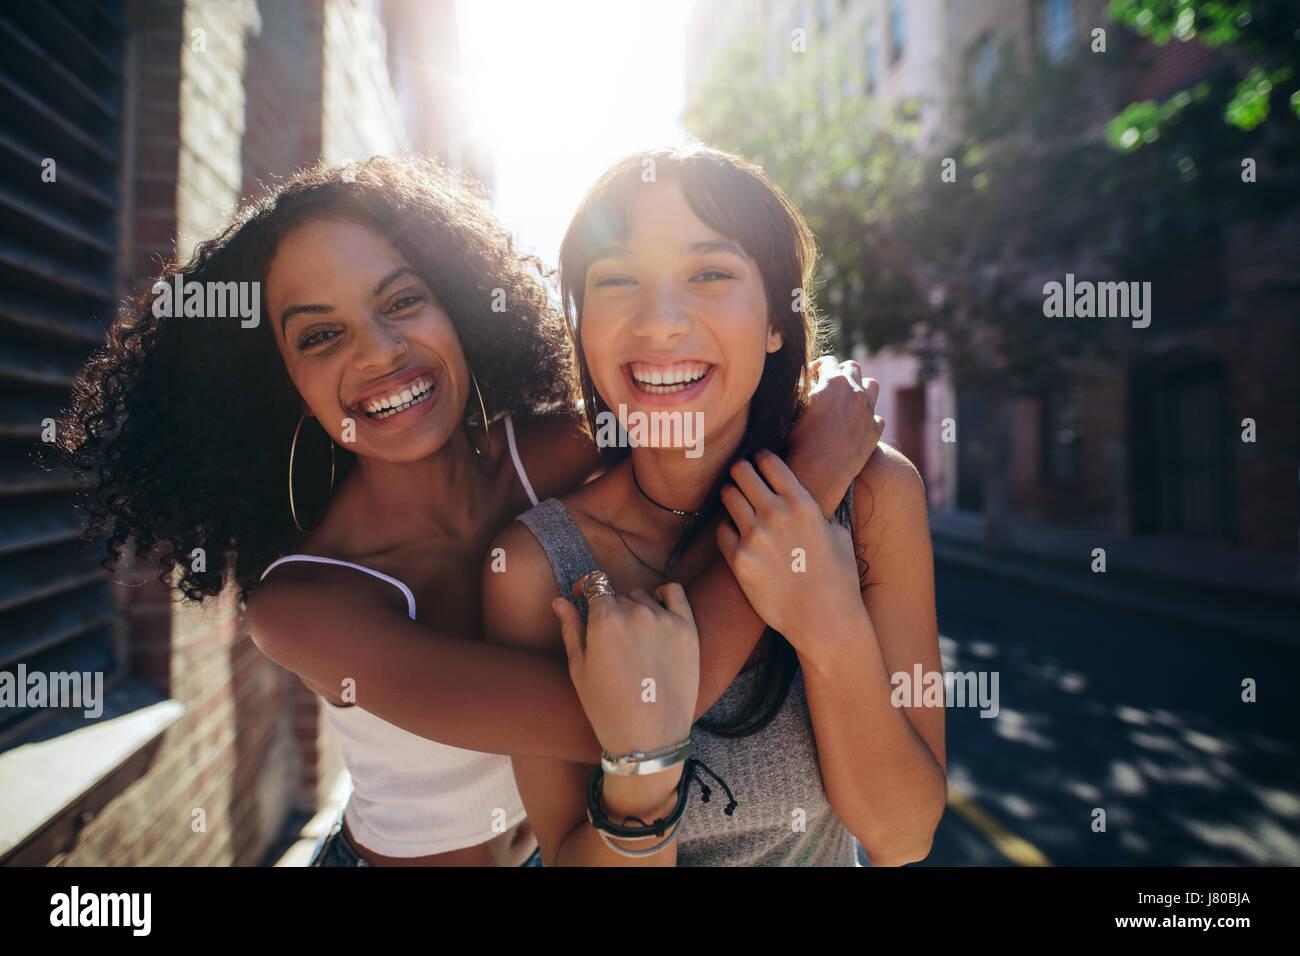 Ritratto di due giovani donne sulla strada di città del divertimento. Amici di sesso femminile sulla strada Immagini Stock